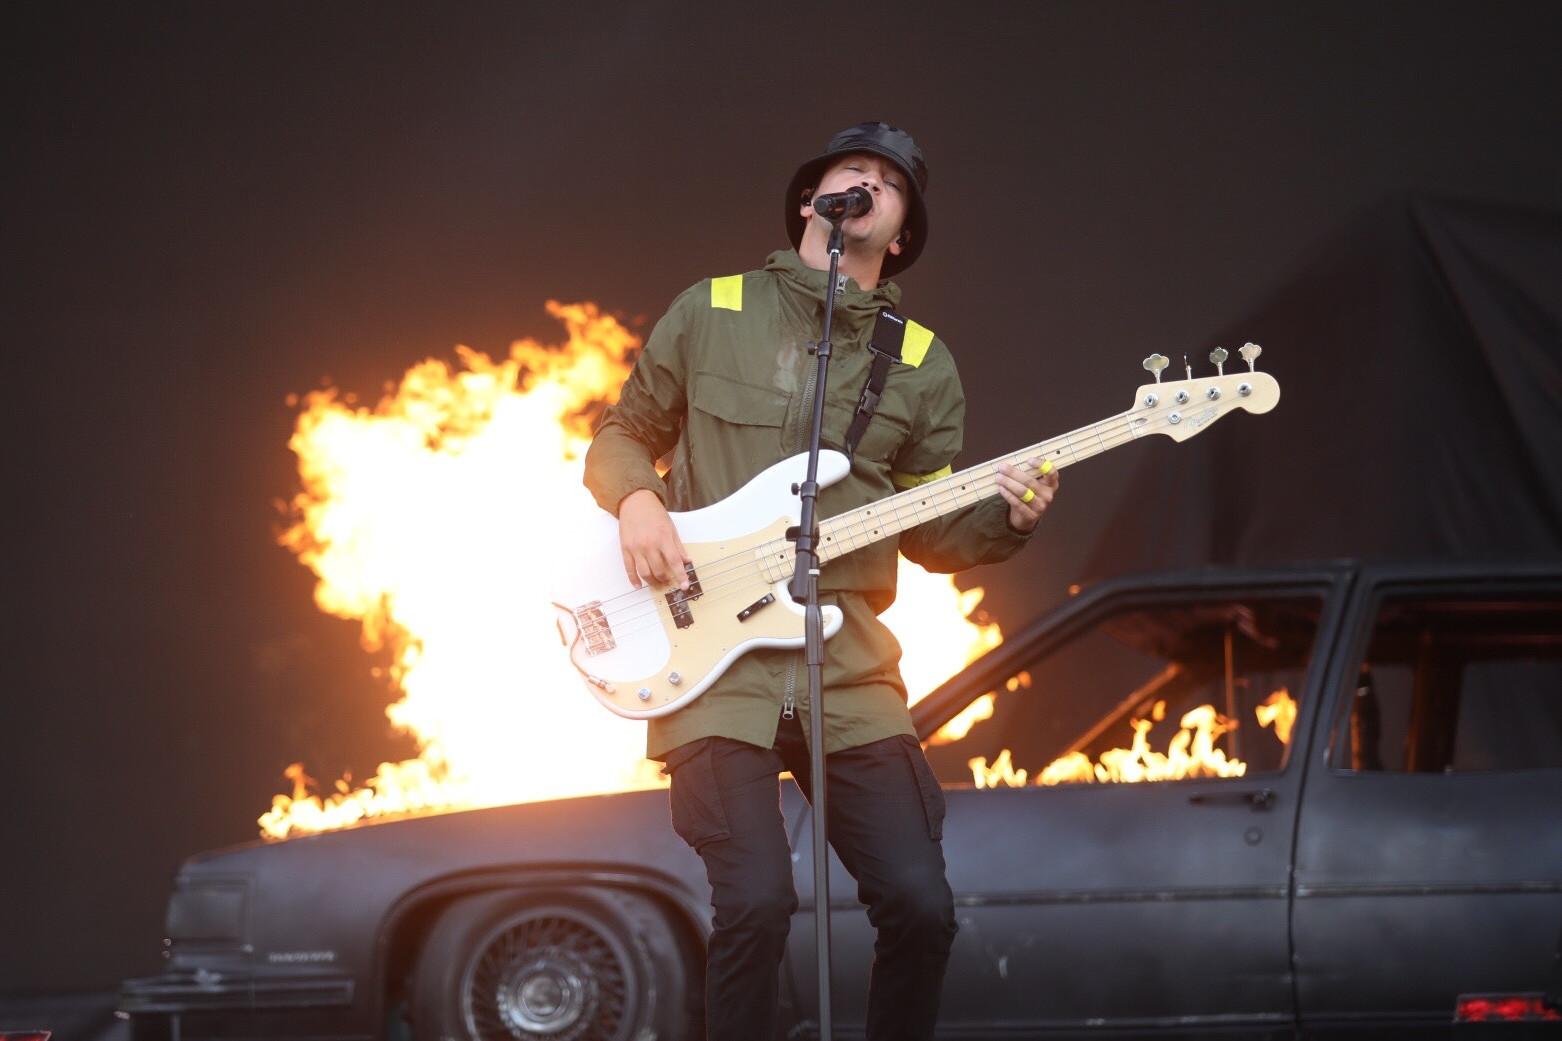 Tyler Joseph az együttes multi instrumentális tagja, a basszus gitáron kívül, ukulelén és zongorán is játszik